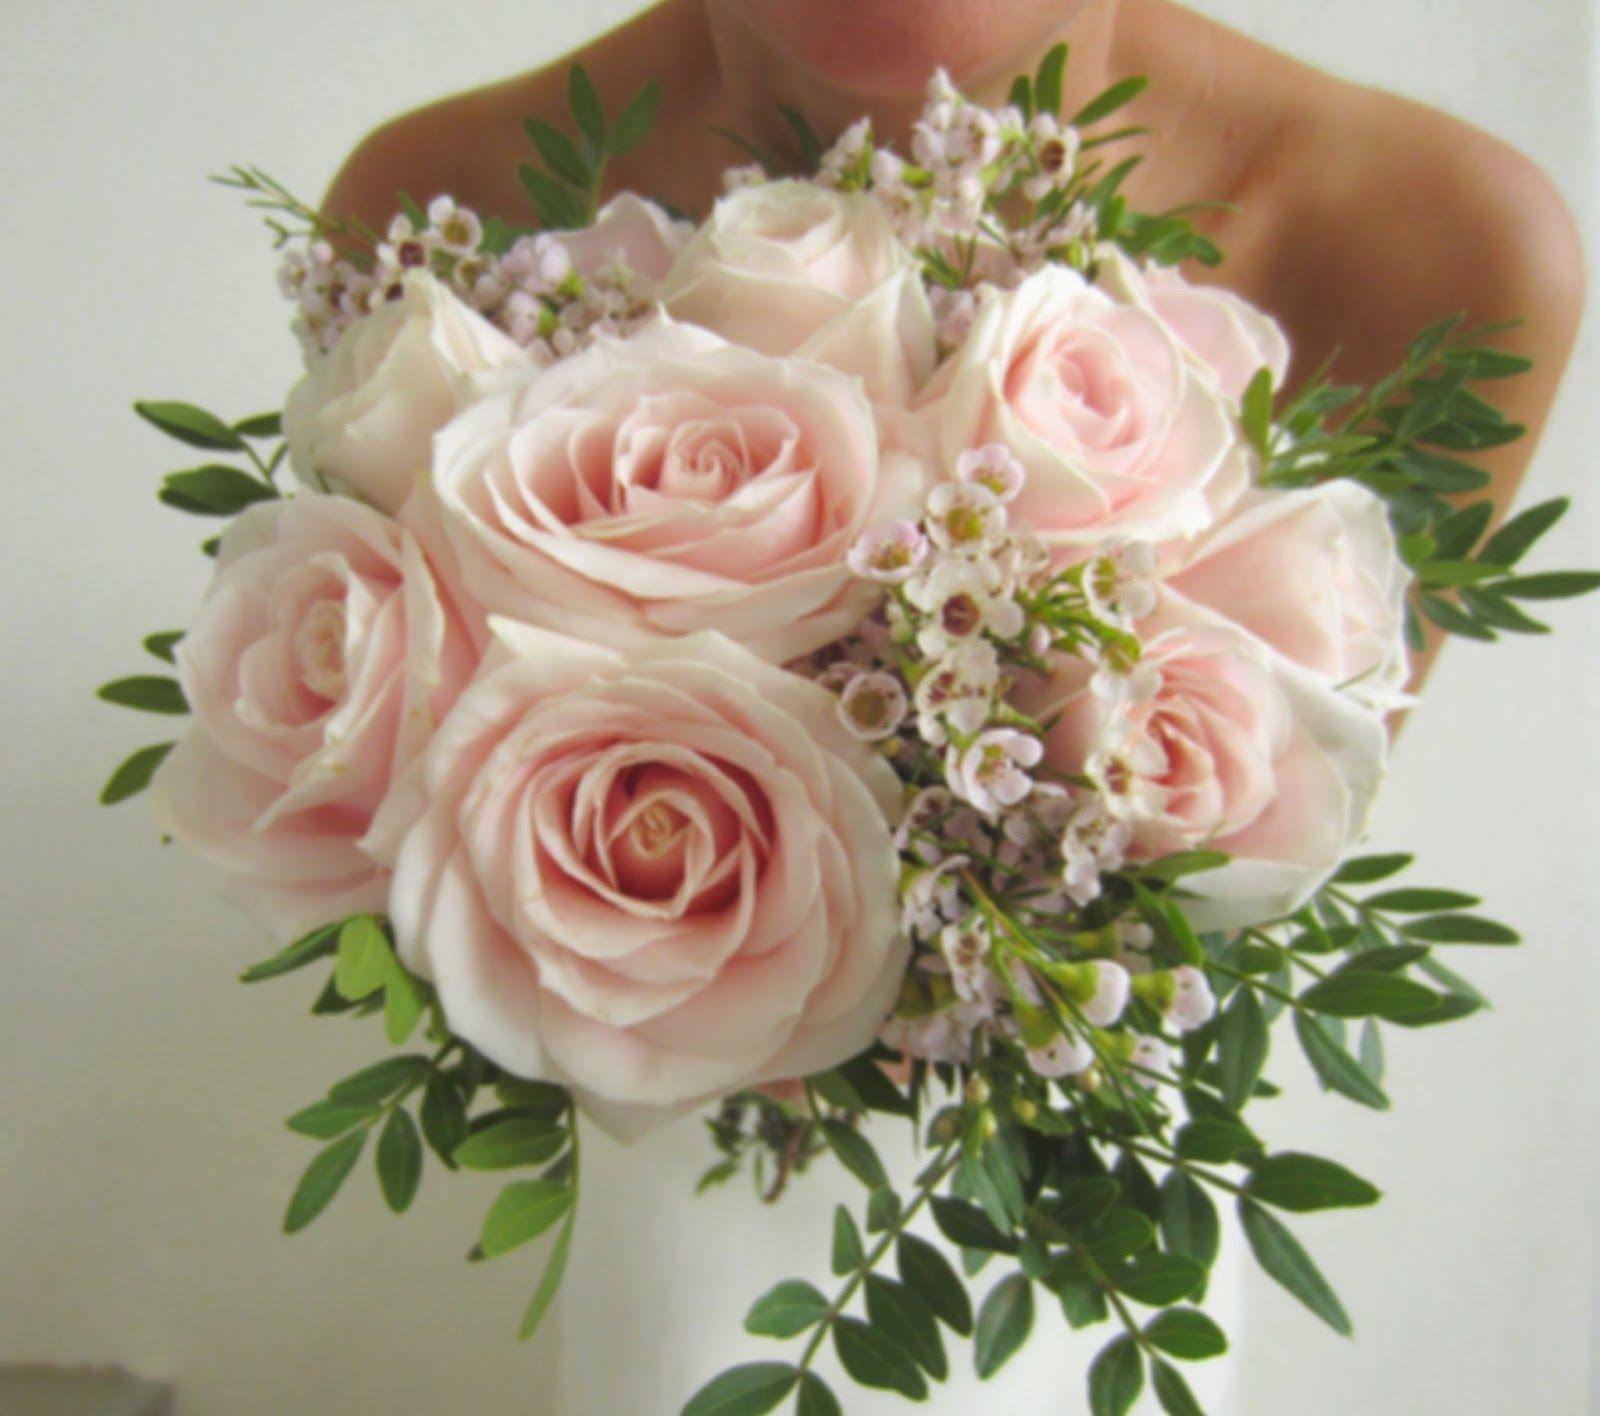 mariage champetre chic fleur la petite boutique de fleurs fleuriste mariage lyon fleuriste. Black Bedroom Furniture Sets. Home Design Ideas